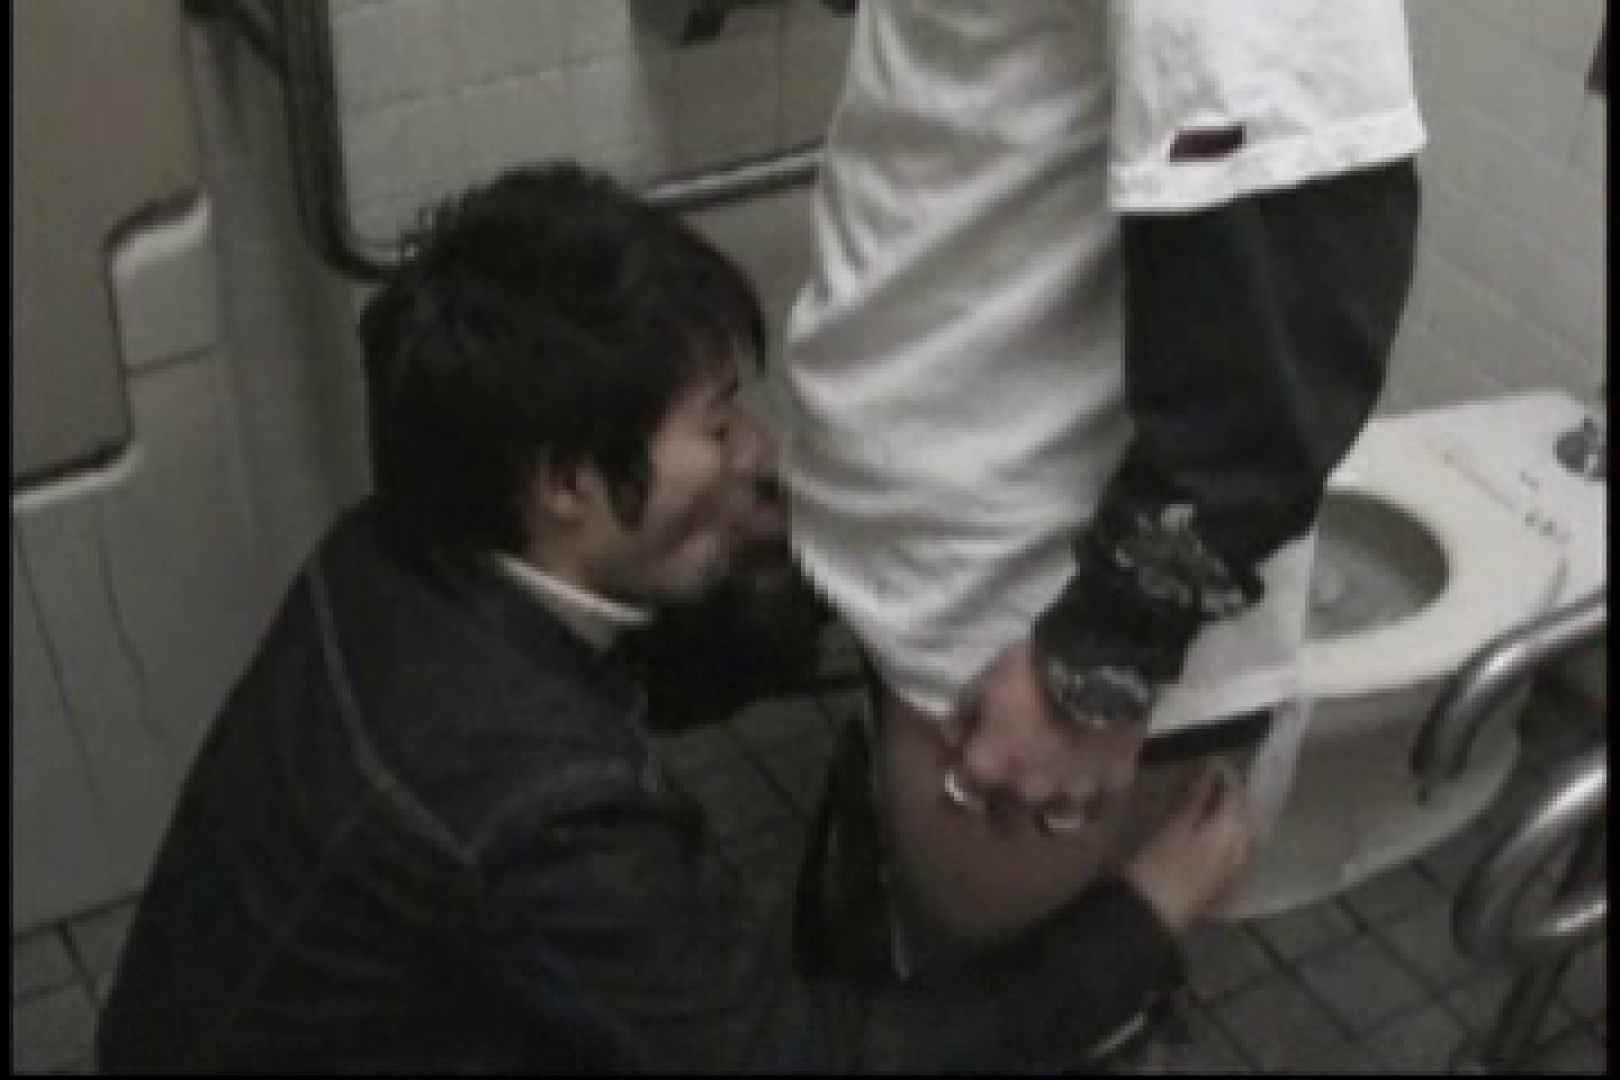 ガテン系男盛り!vol.01 フェラシーン | 男の世界  73画像 15